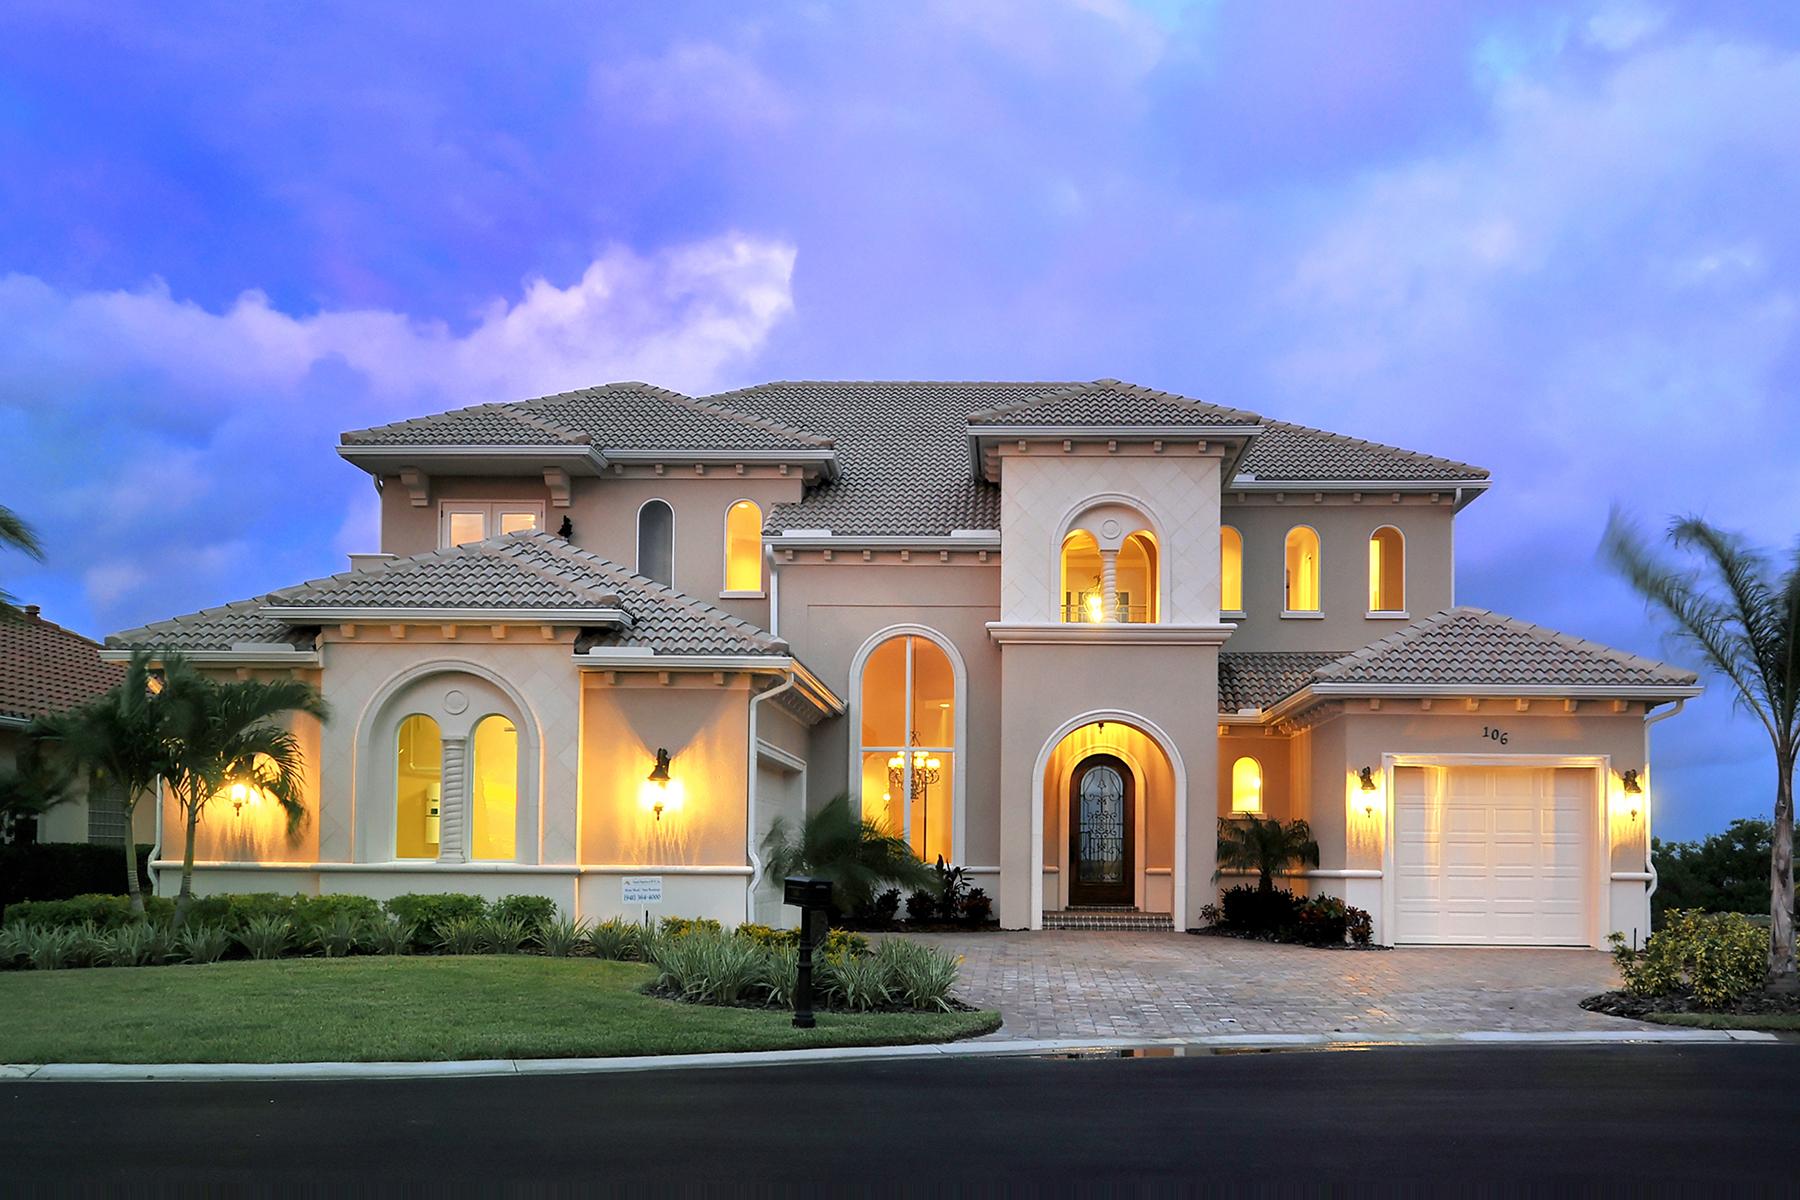 独户住宅 为 销售 在 RIVIERA DUNES 106 12th Ave E Palmetto, 佛罗里达州 34221 美国